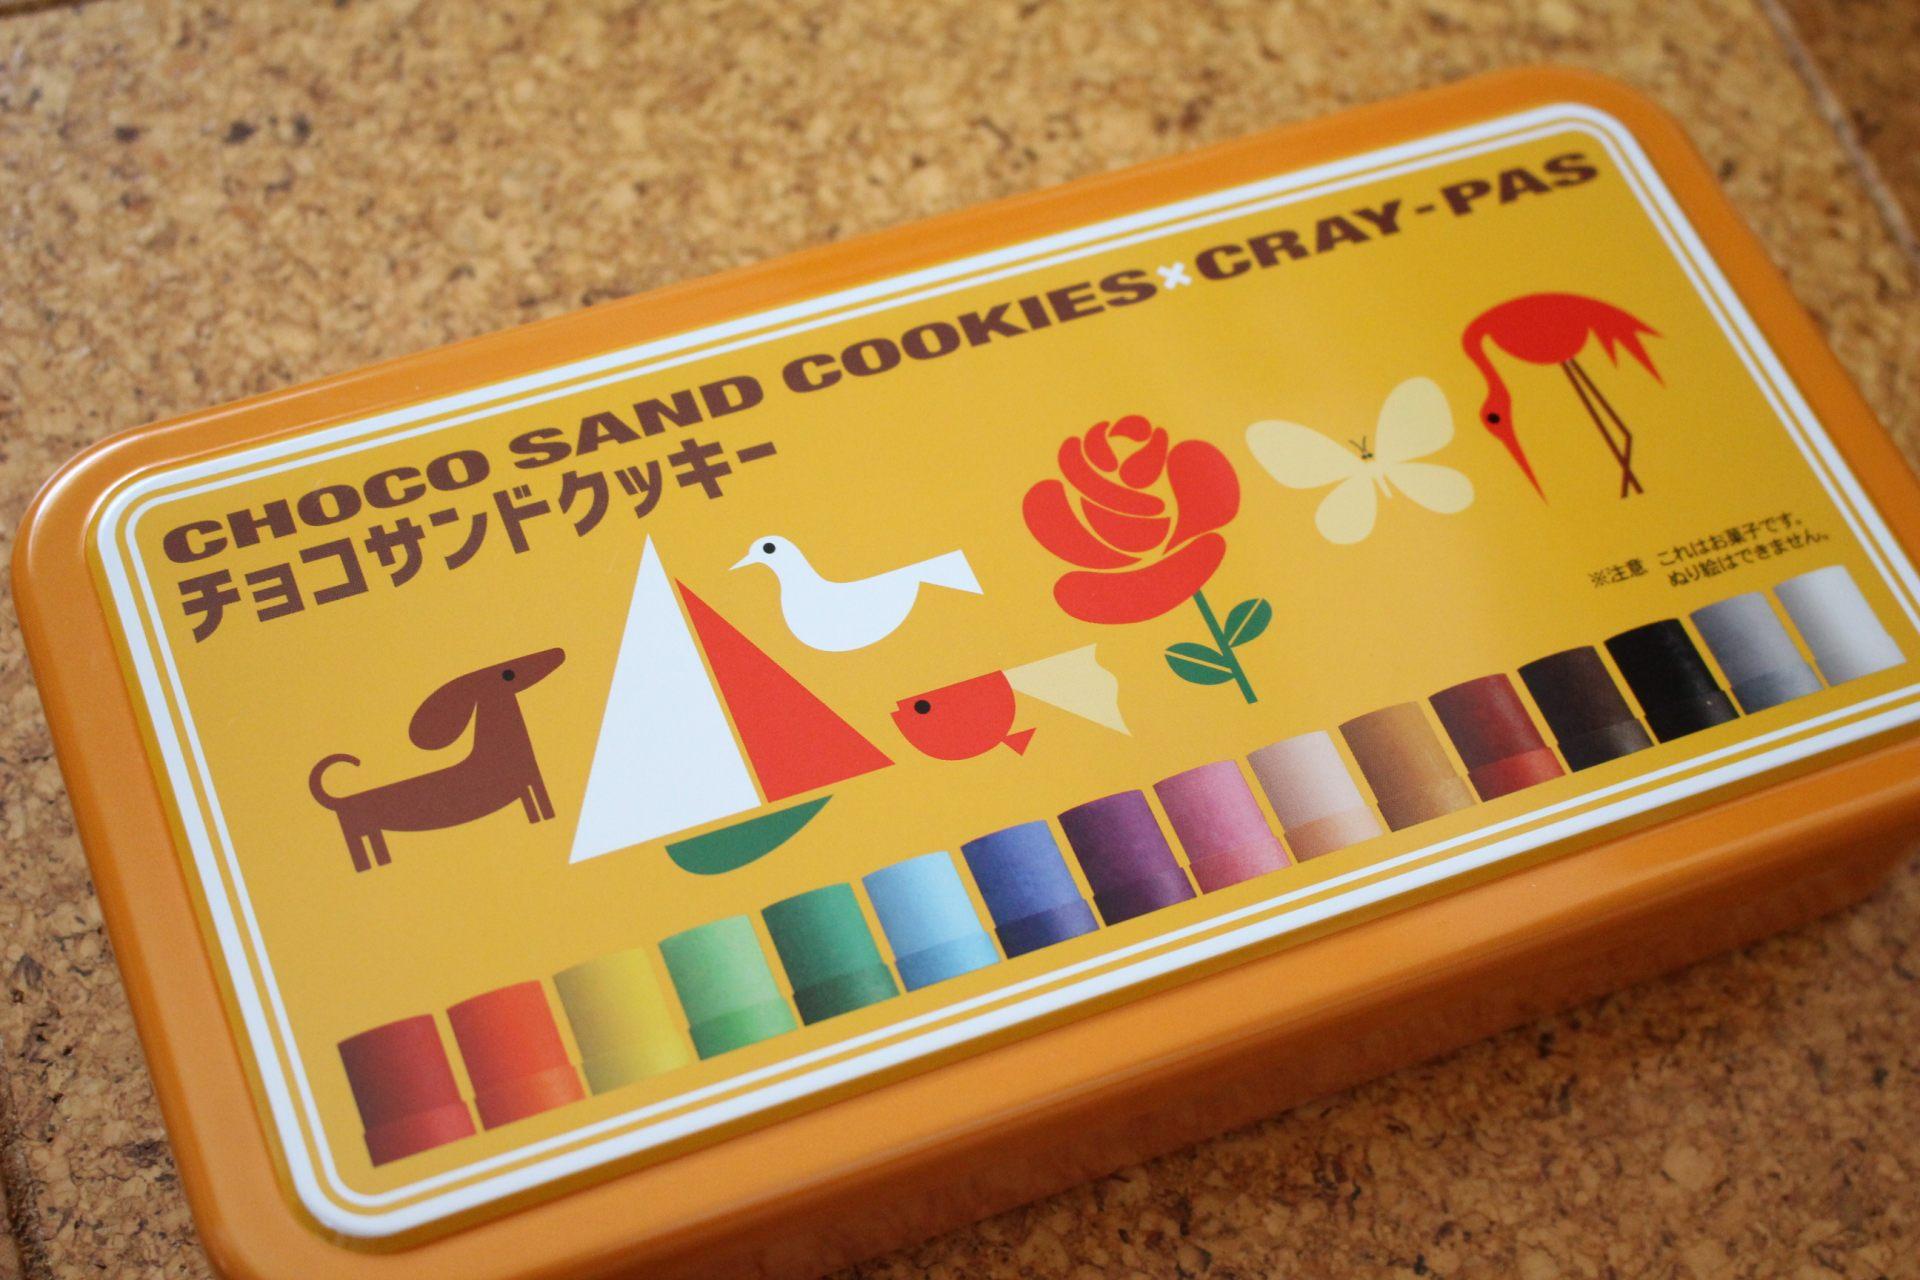 巧克力夹心饼干 16入1,080日圆